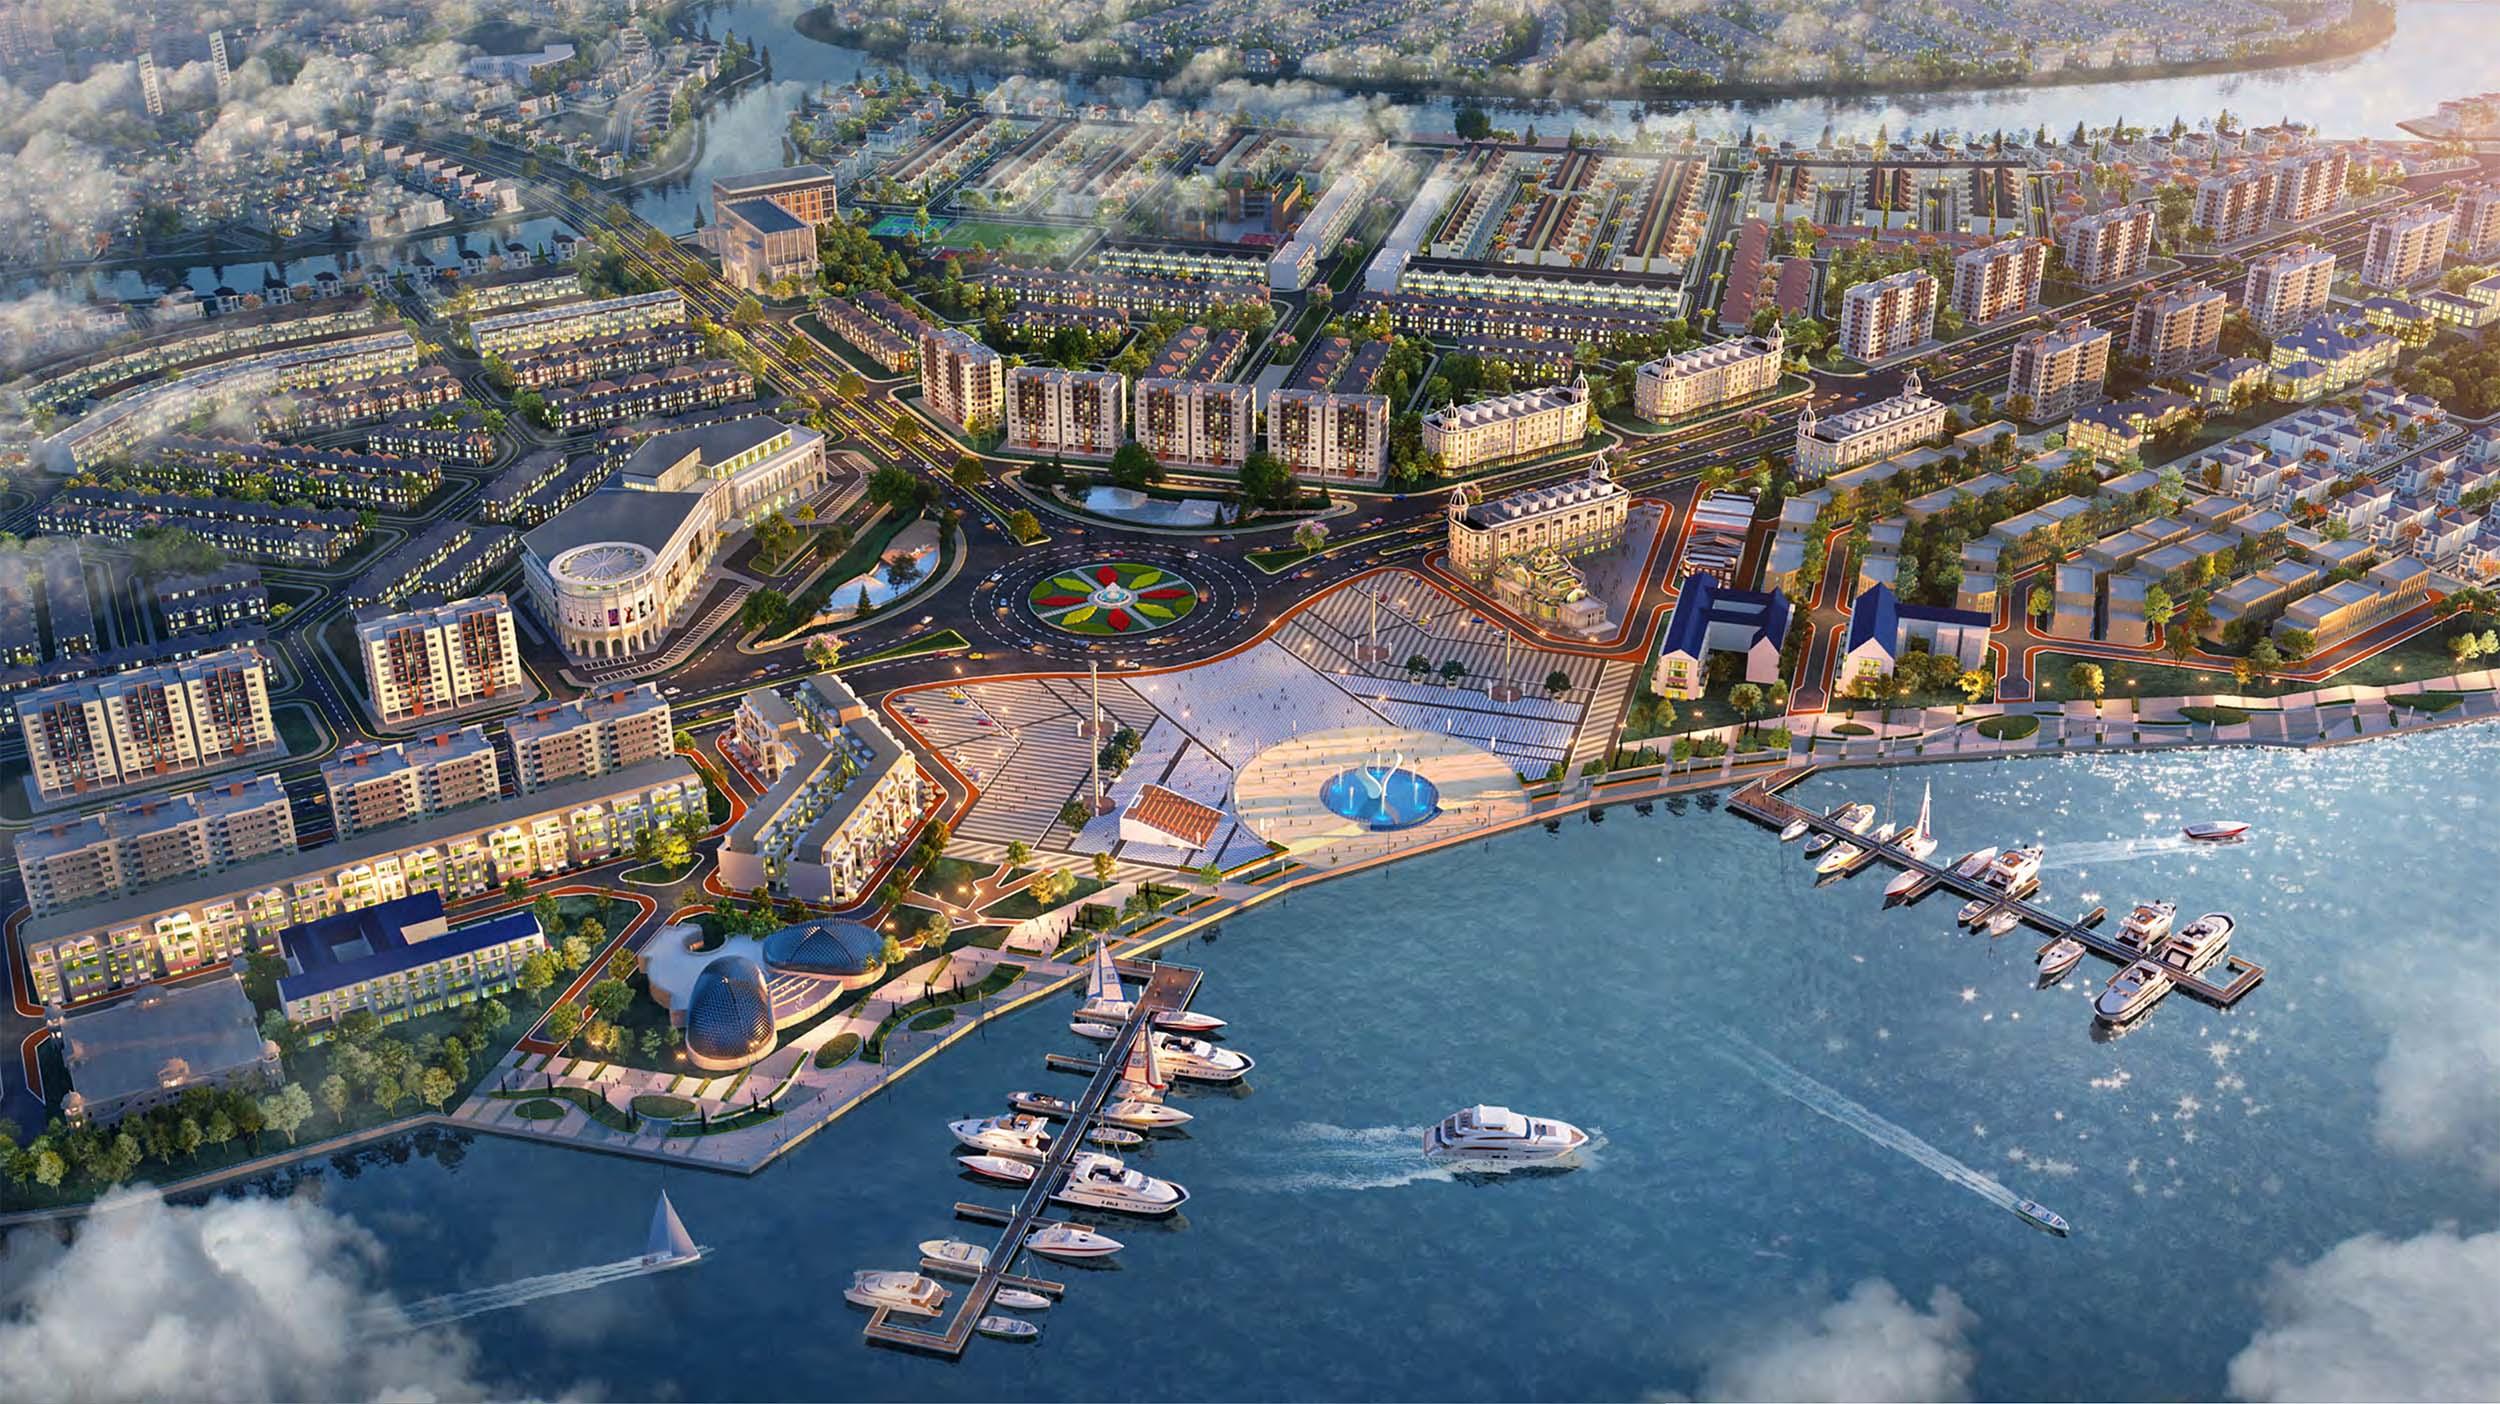 quang-truong-aqua-marina-aqua-city